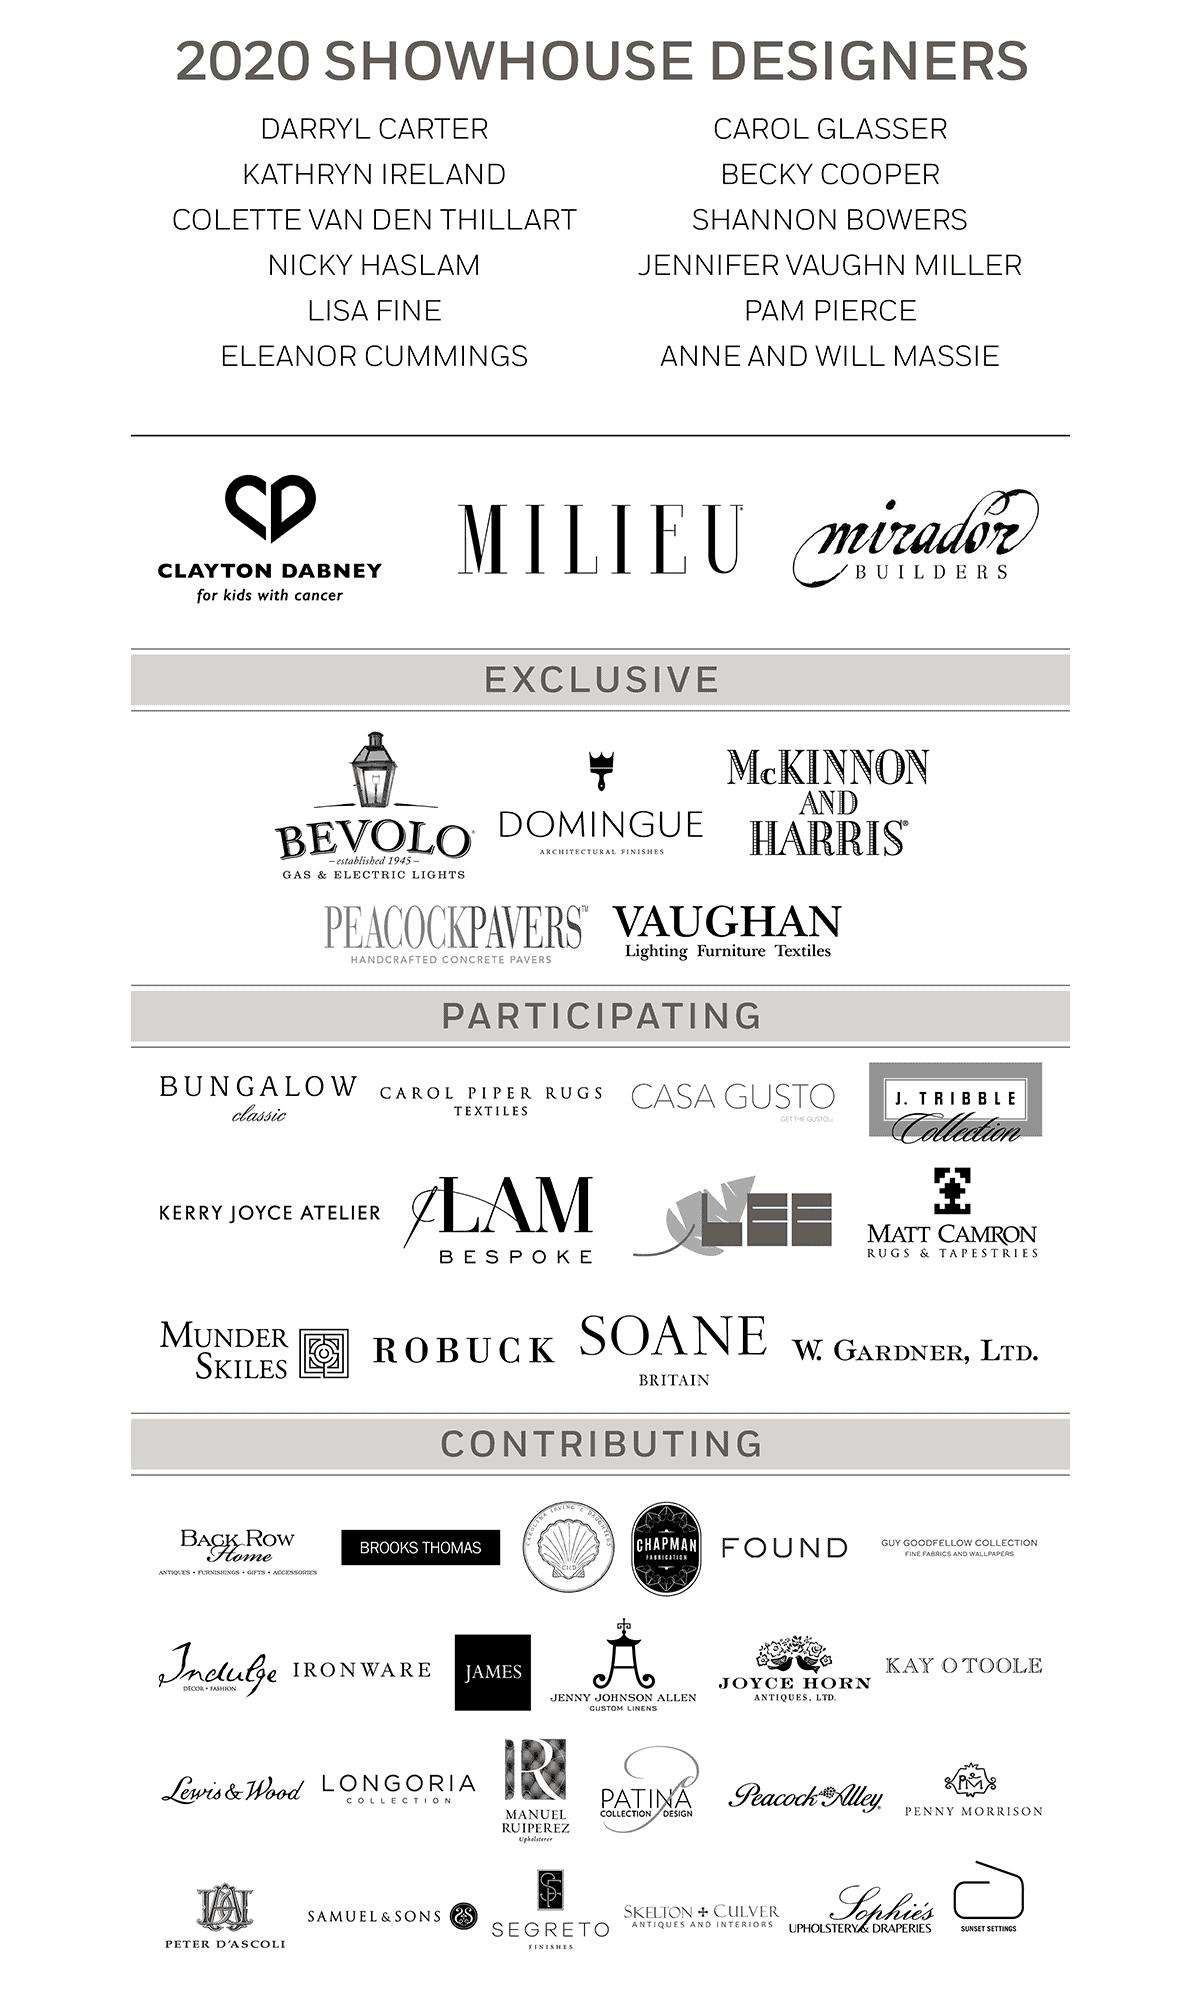 milieu-2020-designer-showhouse-2